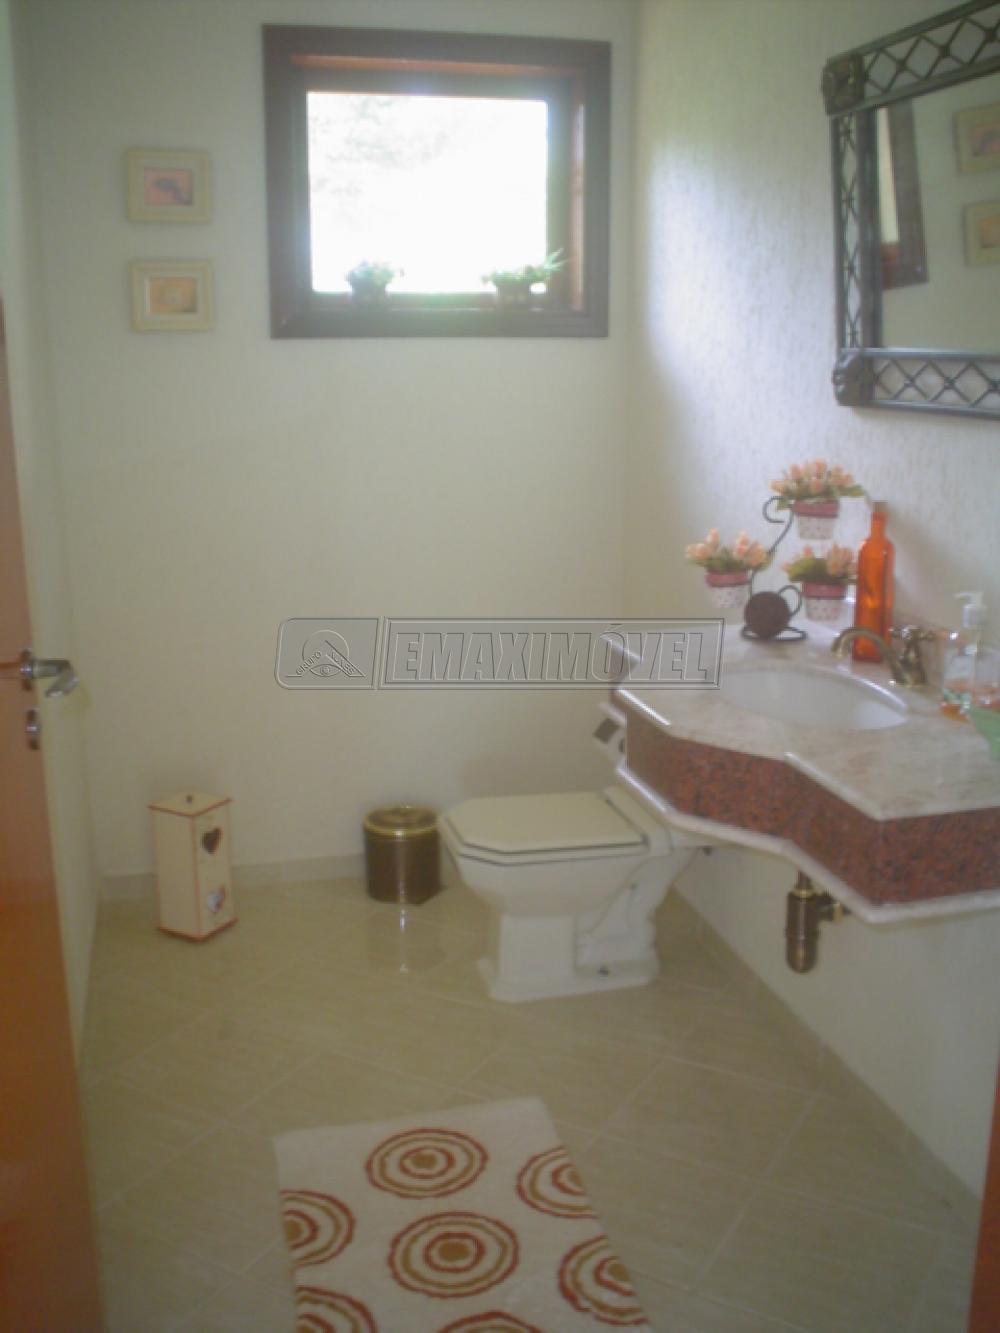 Comprar Casa / em Condomínios em Sorocaba R$ 1.120.000,00 - Foto 12